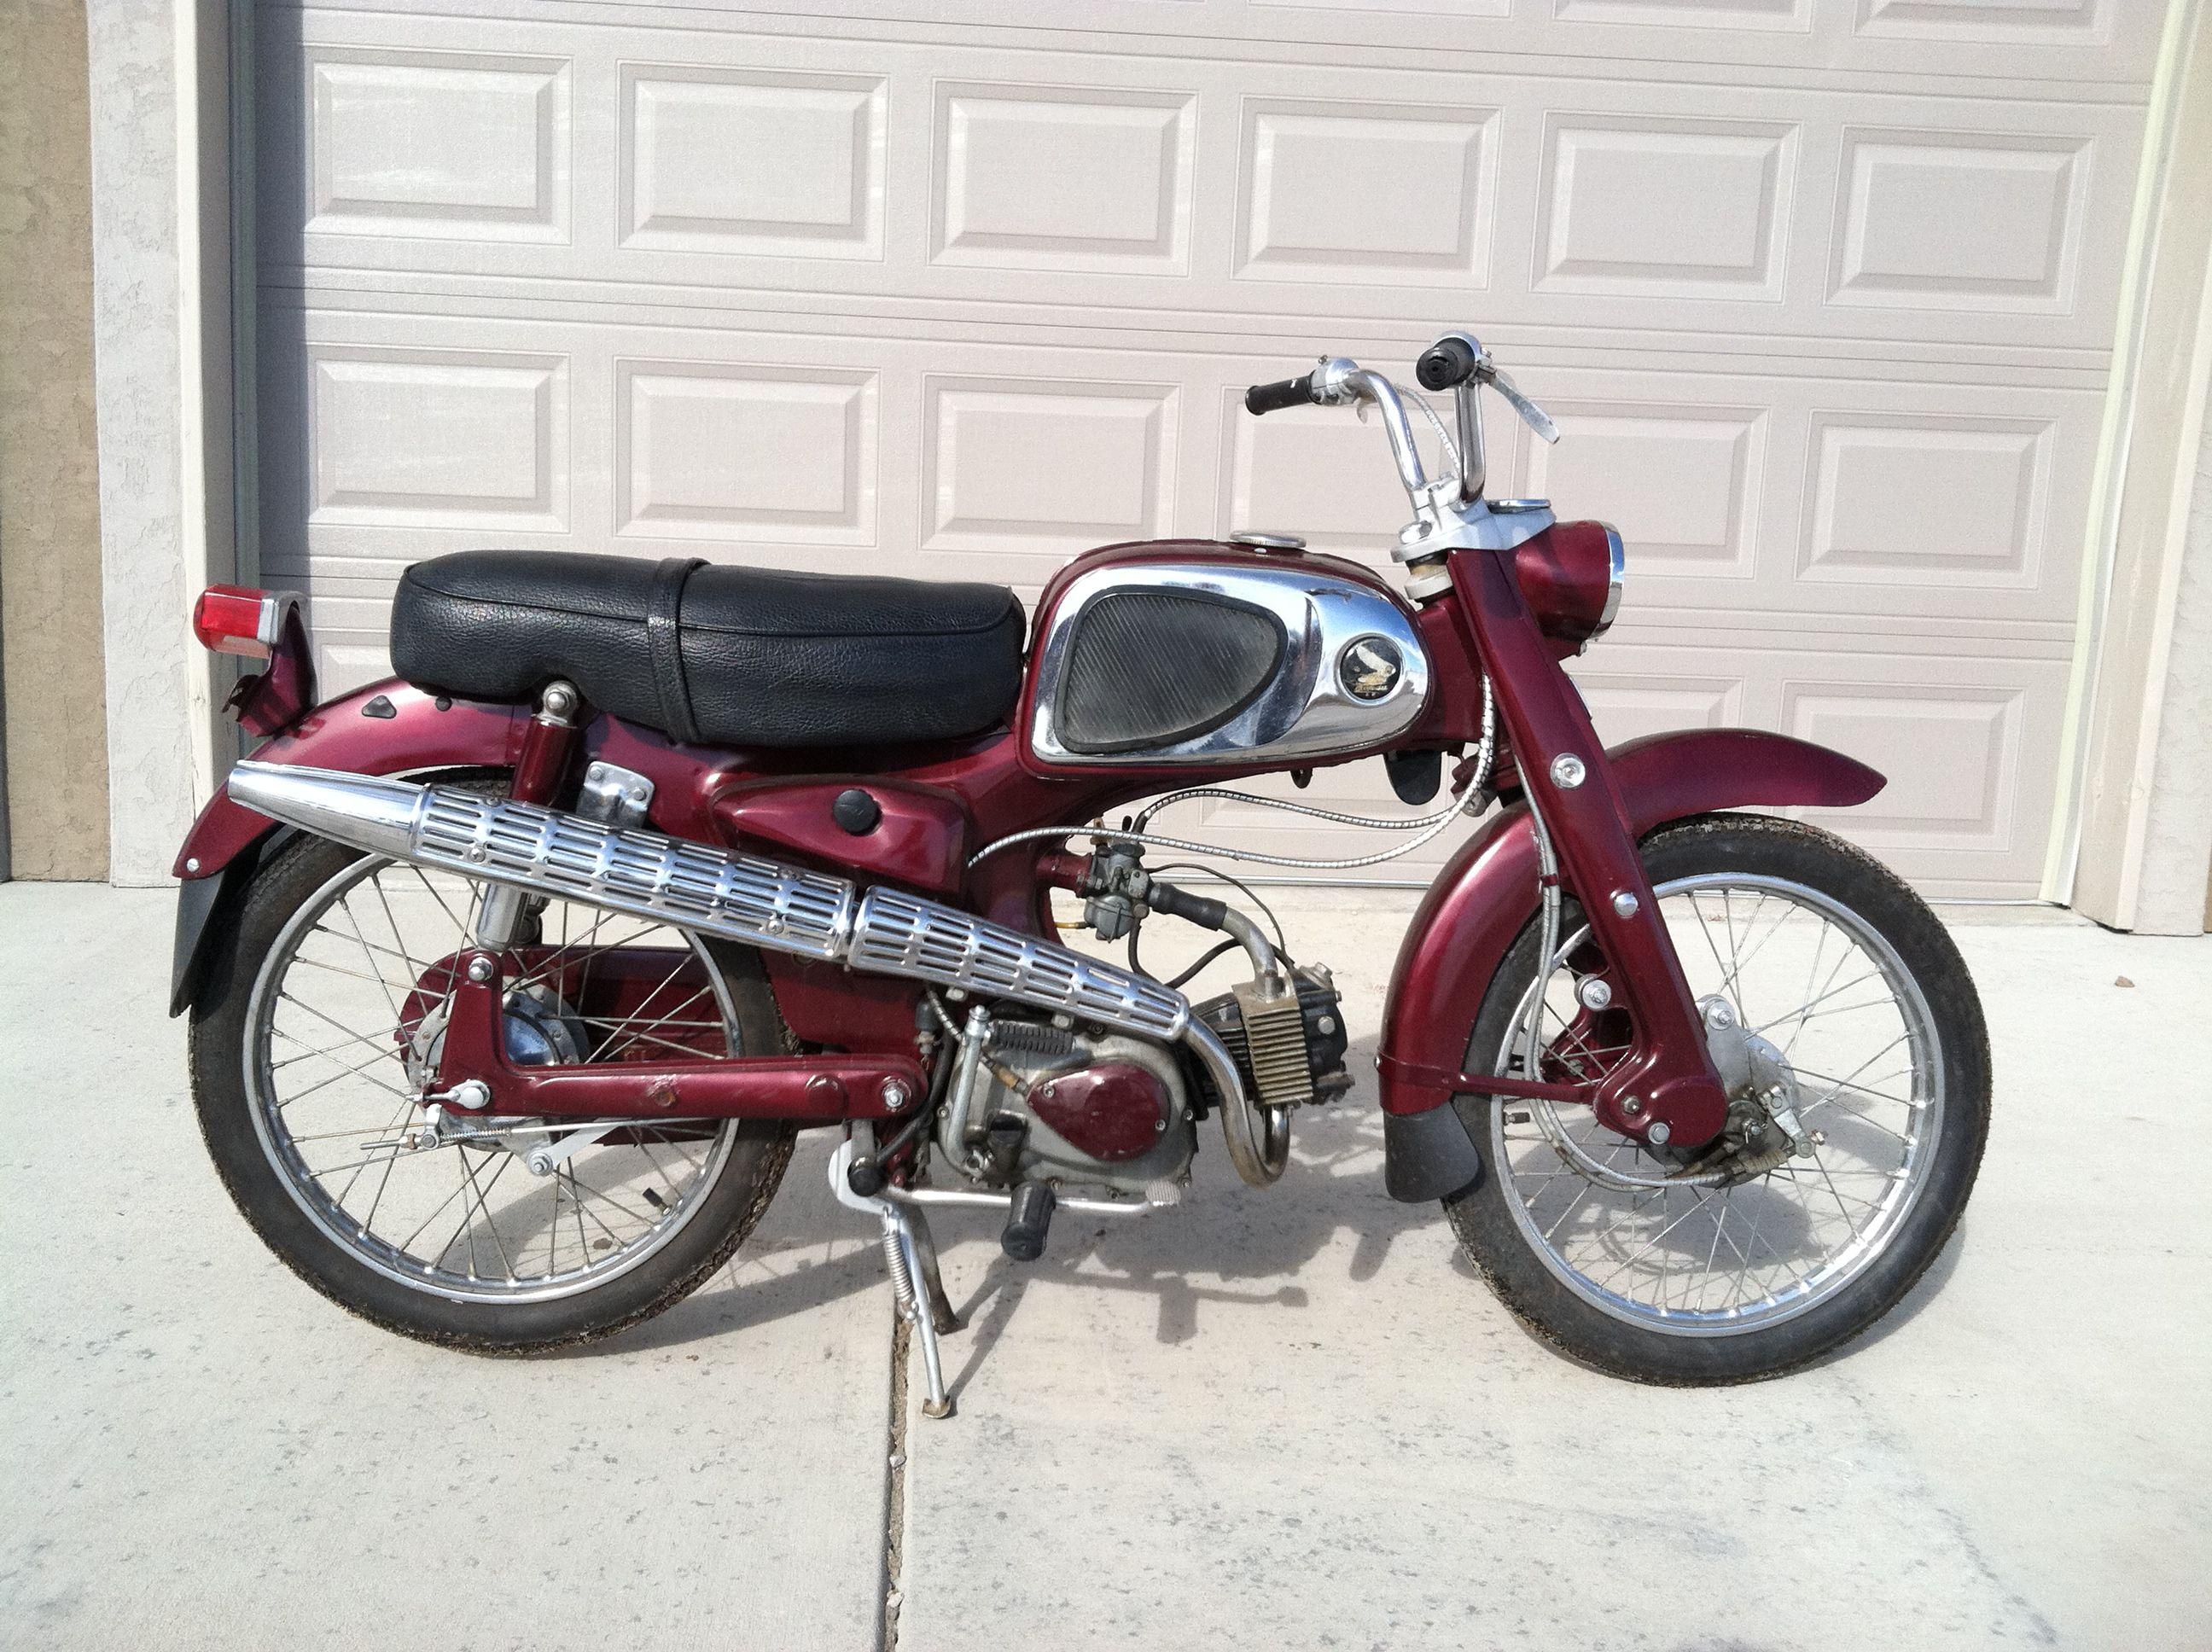 1964 honda c110 50cc ohv engine with 4 spd transmission vintage honda motorcycles pinterest. Black Bedroom Furniture Sets. Home Design Ideas